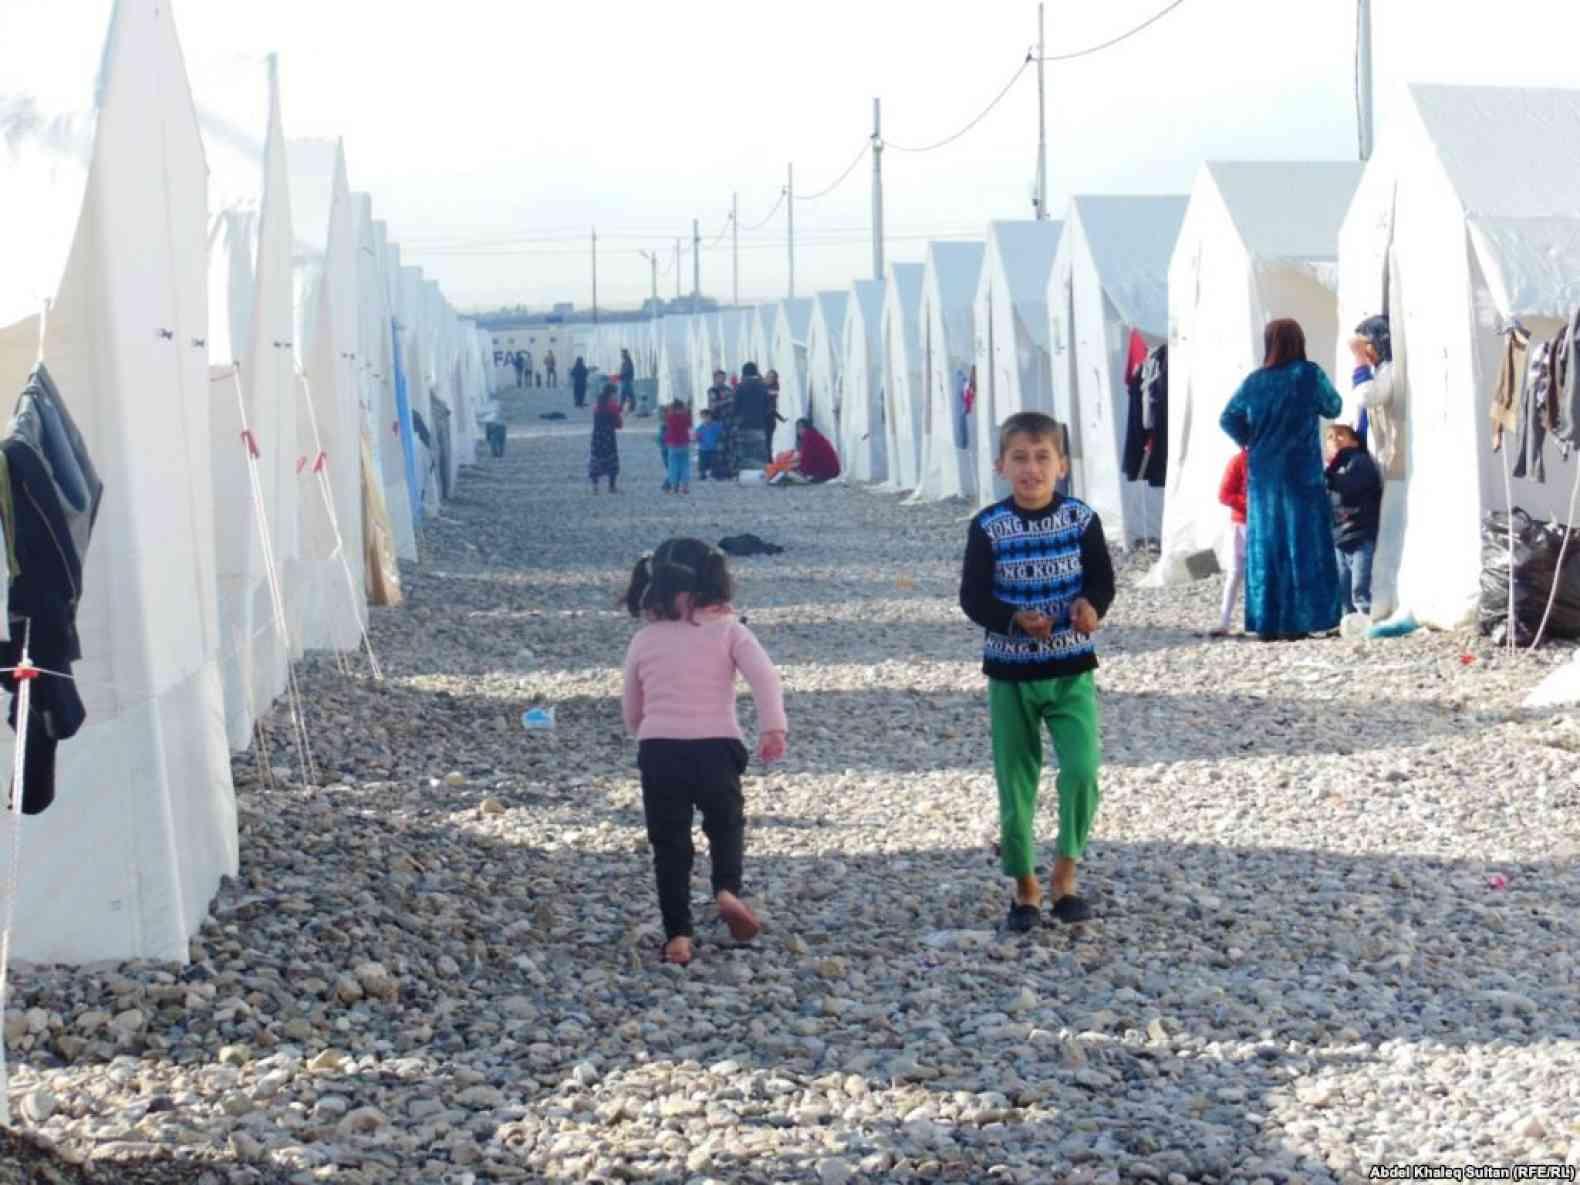 وزارة الهجرة: عدد النازحين أكثر مما ذكرته منظمة الهجرة الدولية